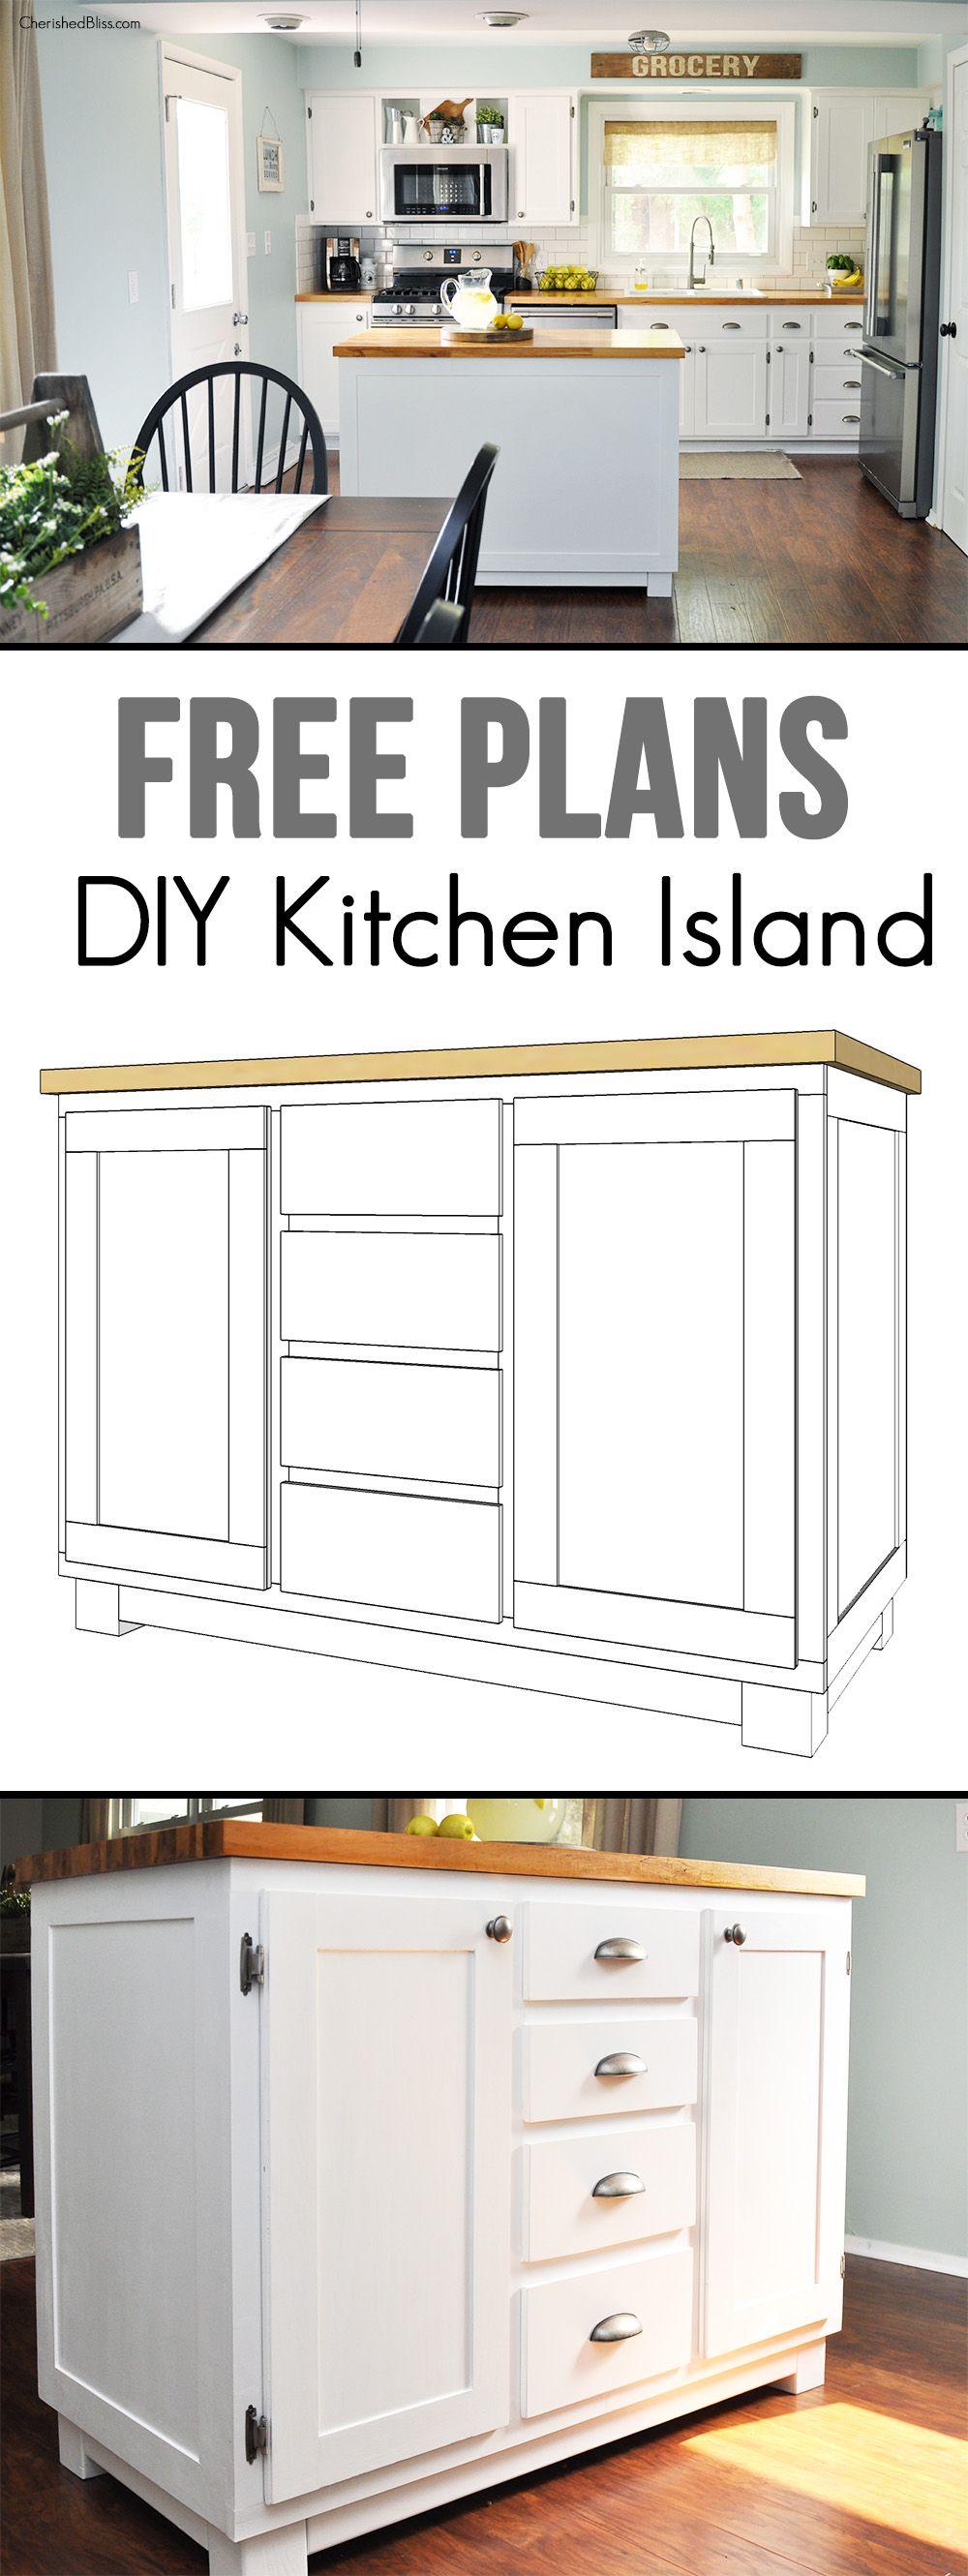 Cuisine Ilot Central Avec Evier ~ How To Build A Diy Kitchen Island Pinterest Ilot Ilot De